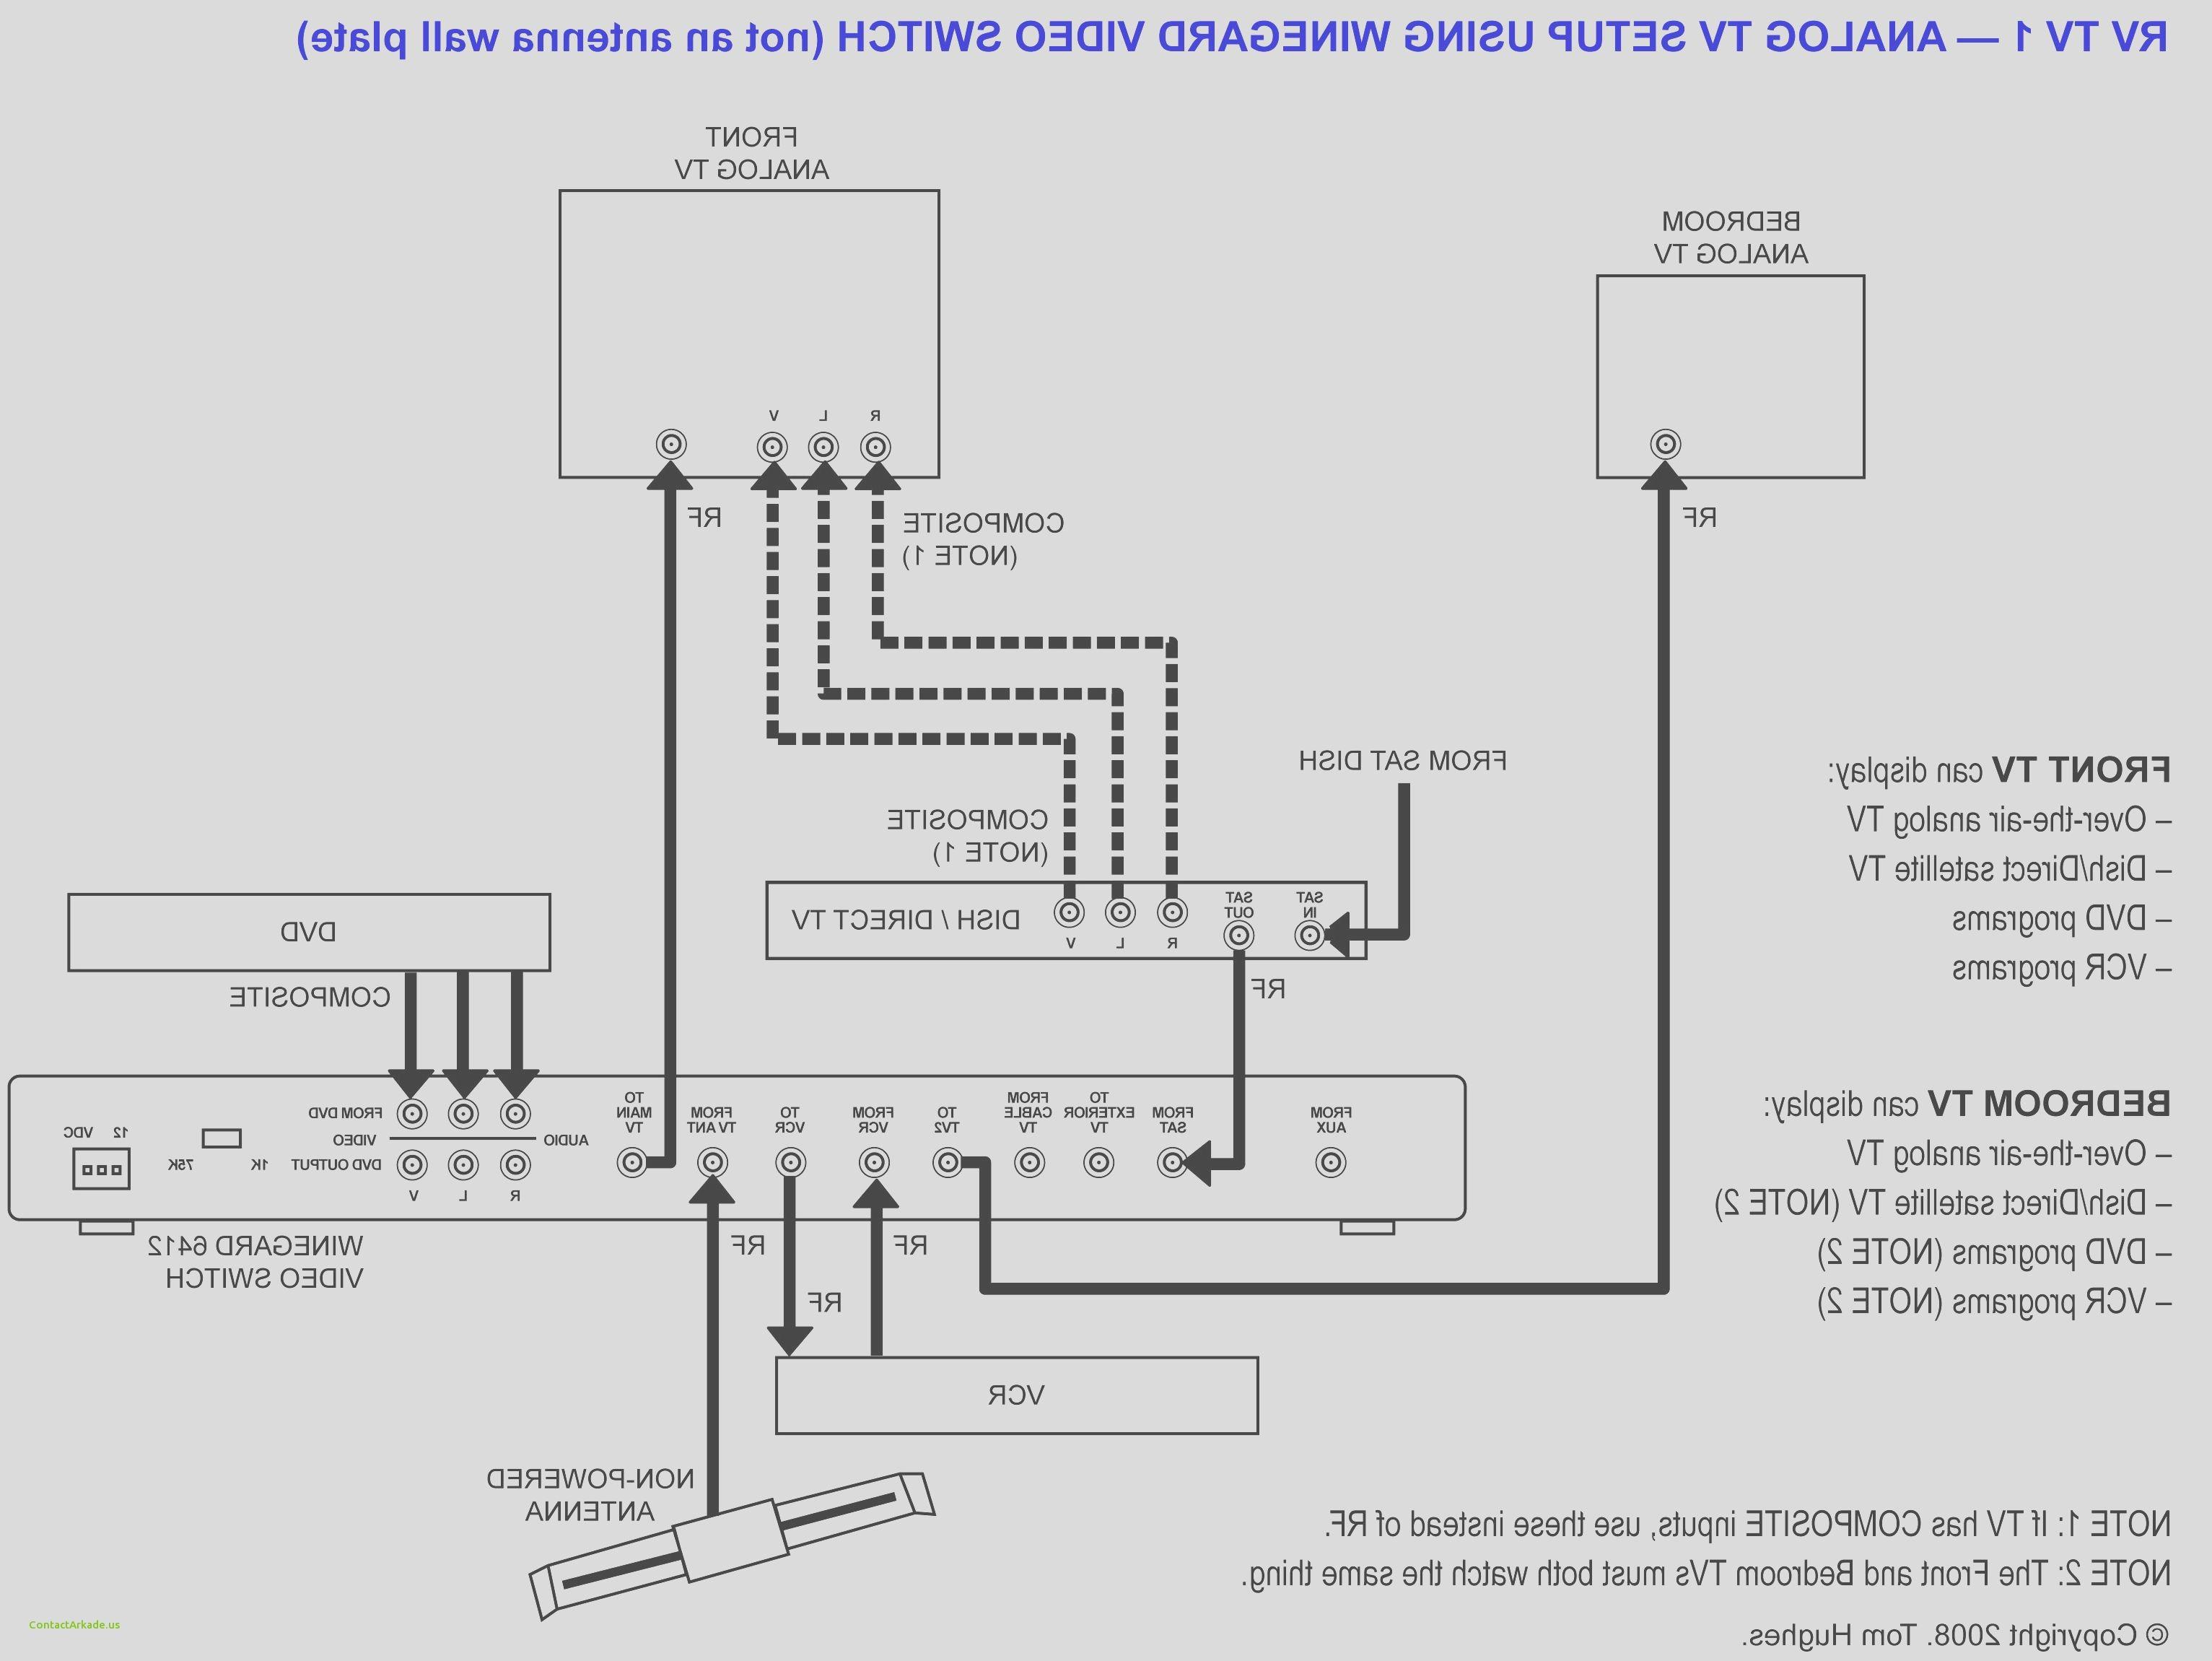 Direct Tv Satellite Dish Wiring Diagram Amazing Satellite Wiring Diagram Everything You Need to Of Direct Tv Satellite Dish Wiring Diagram